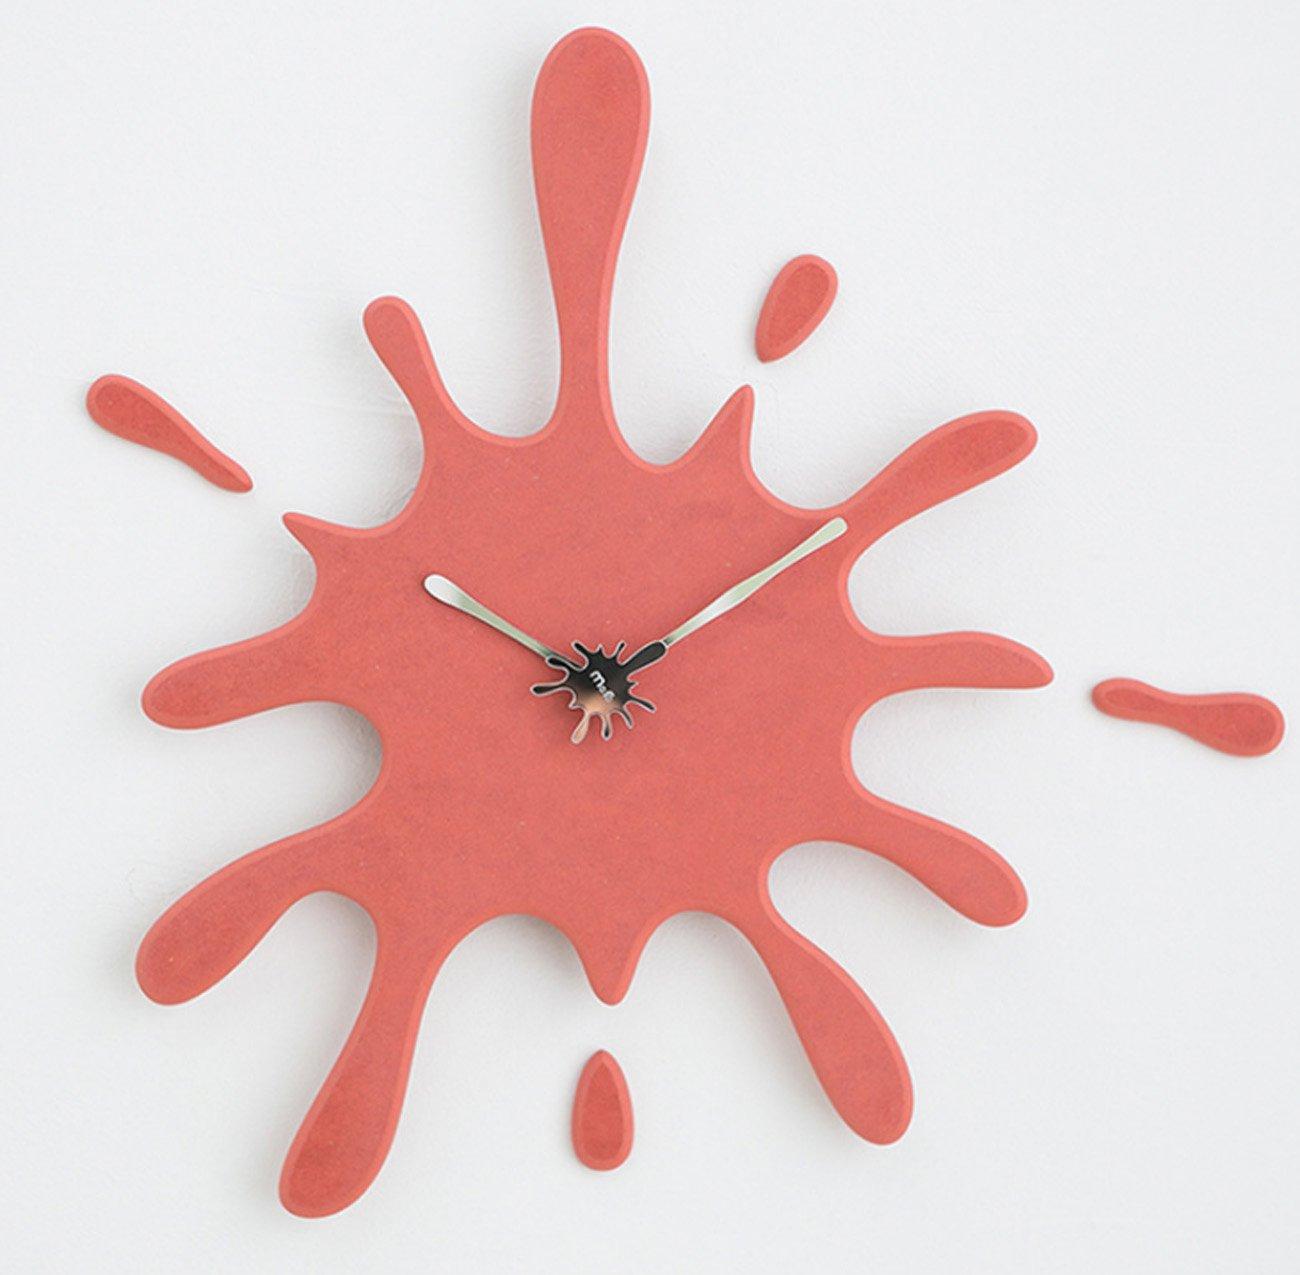 クロック パーソナリティクリエイティブ木製の壁時計、シンプルなモダンな家サイレントハンギング時計アートウォールデコレーション時計、リビングルームベッドルームスタディルームホテルの装飾品(49.4 * 47.5cm) ウォールオーナメント (色 : 赤) B07DYH8V3Q 赤 赤